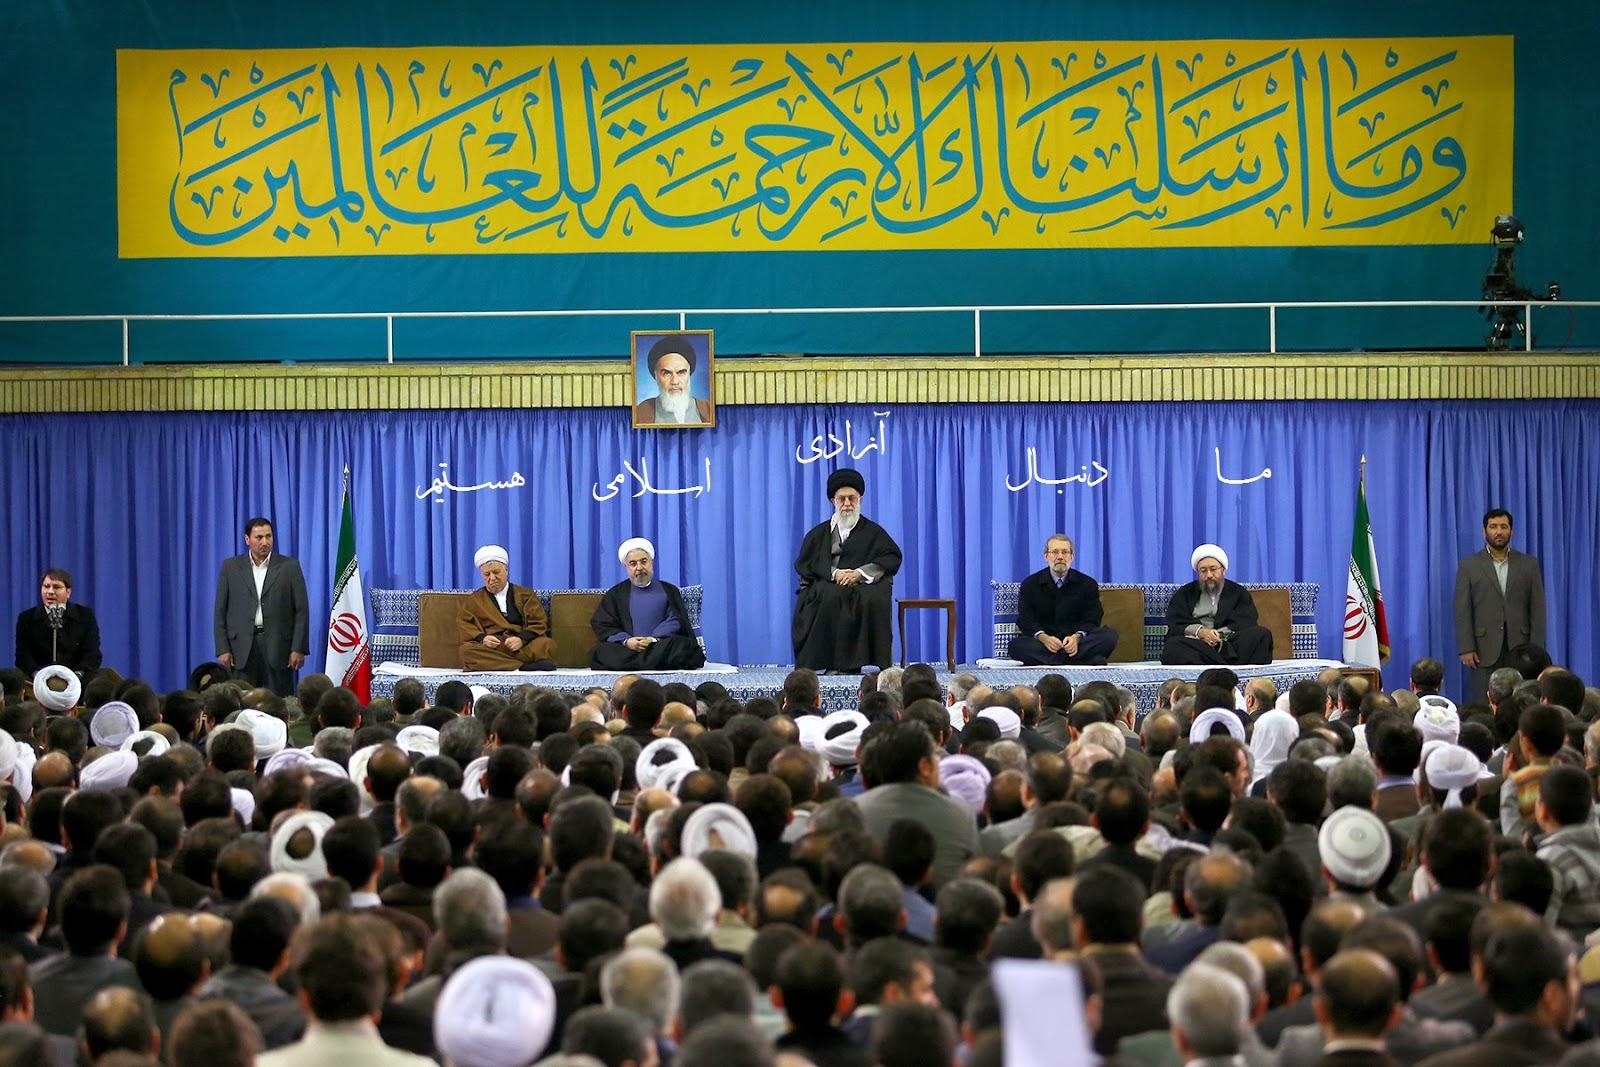 ما دنبال ازادی اسلامی هستیم